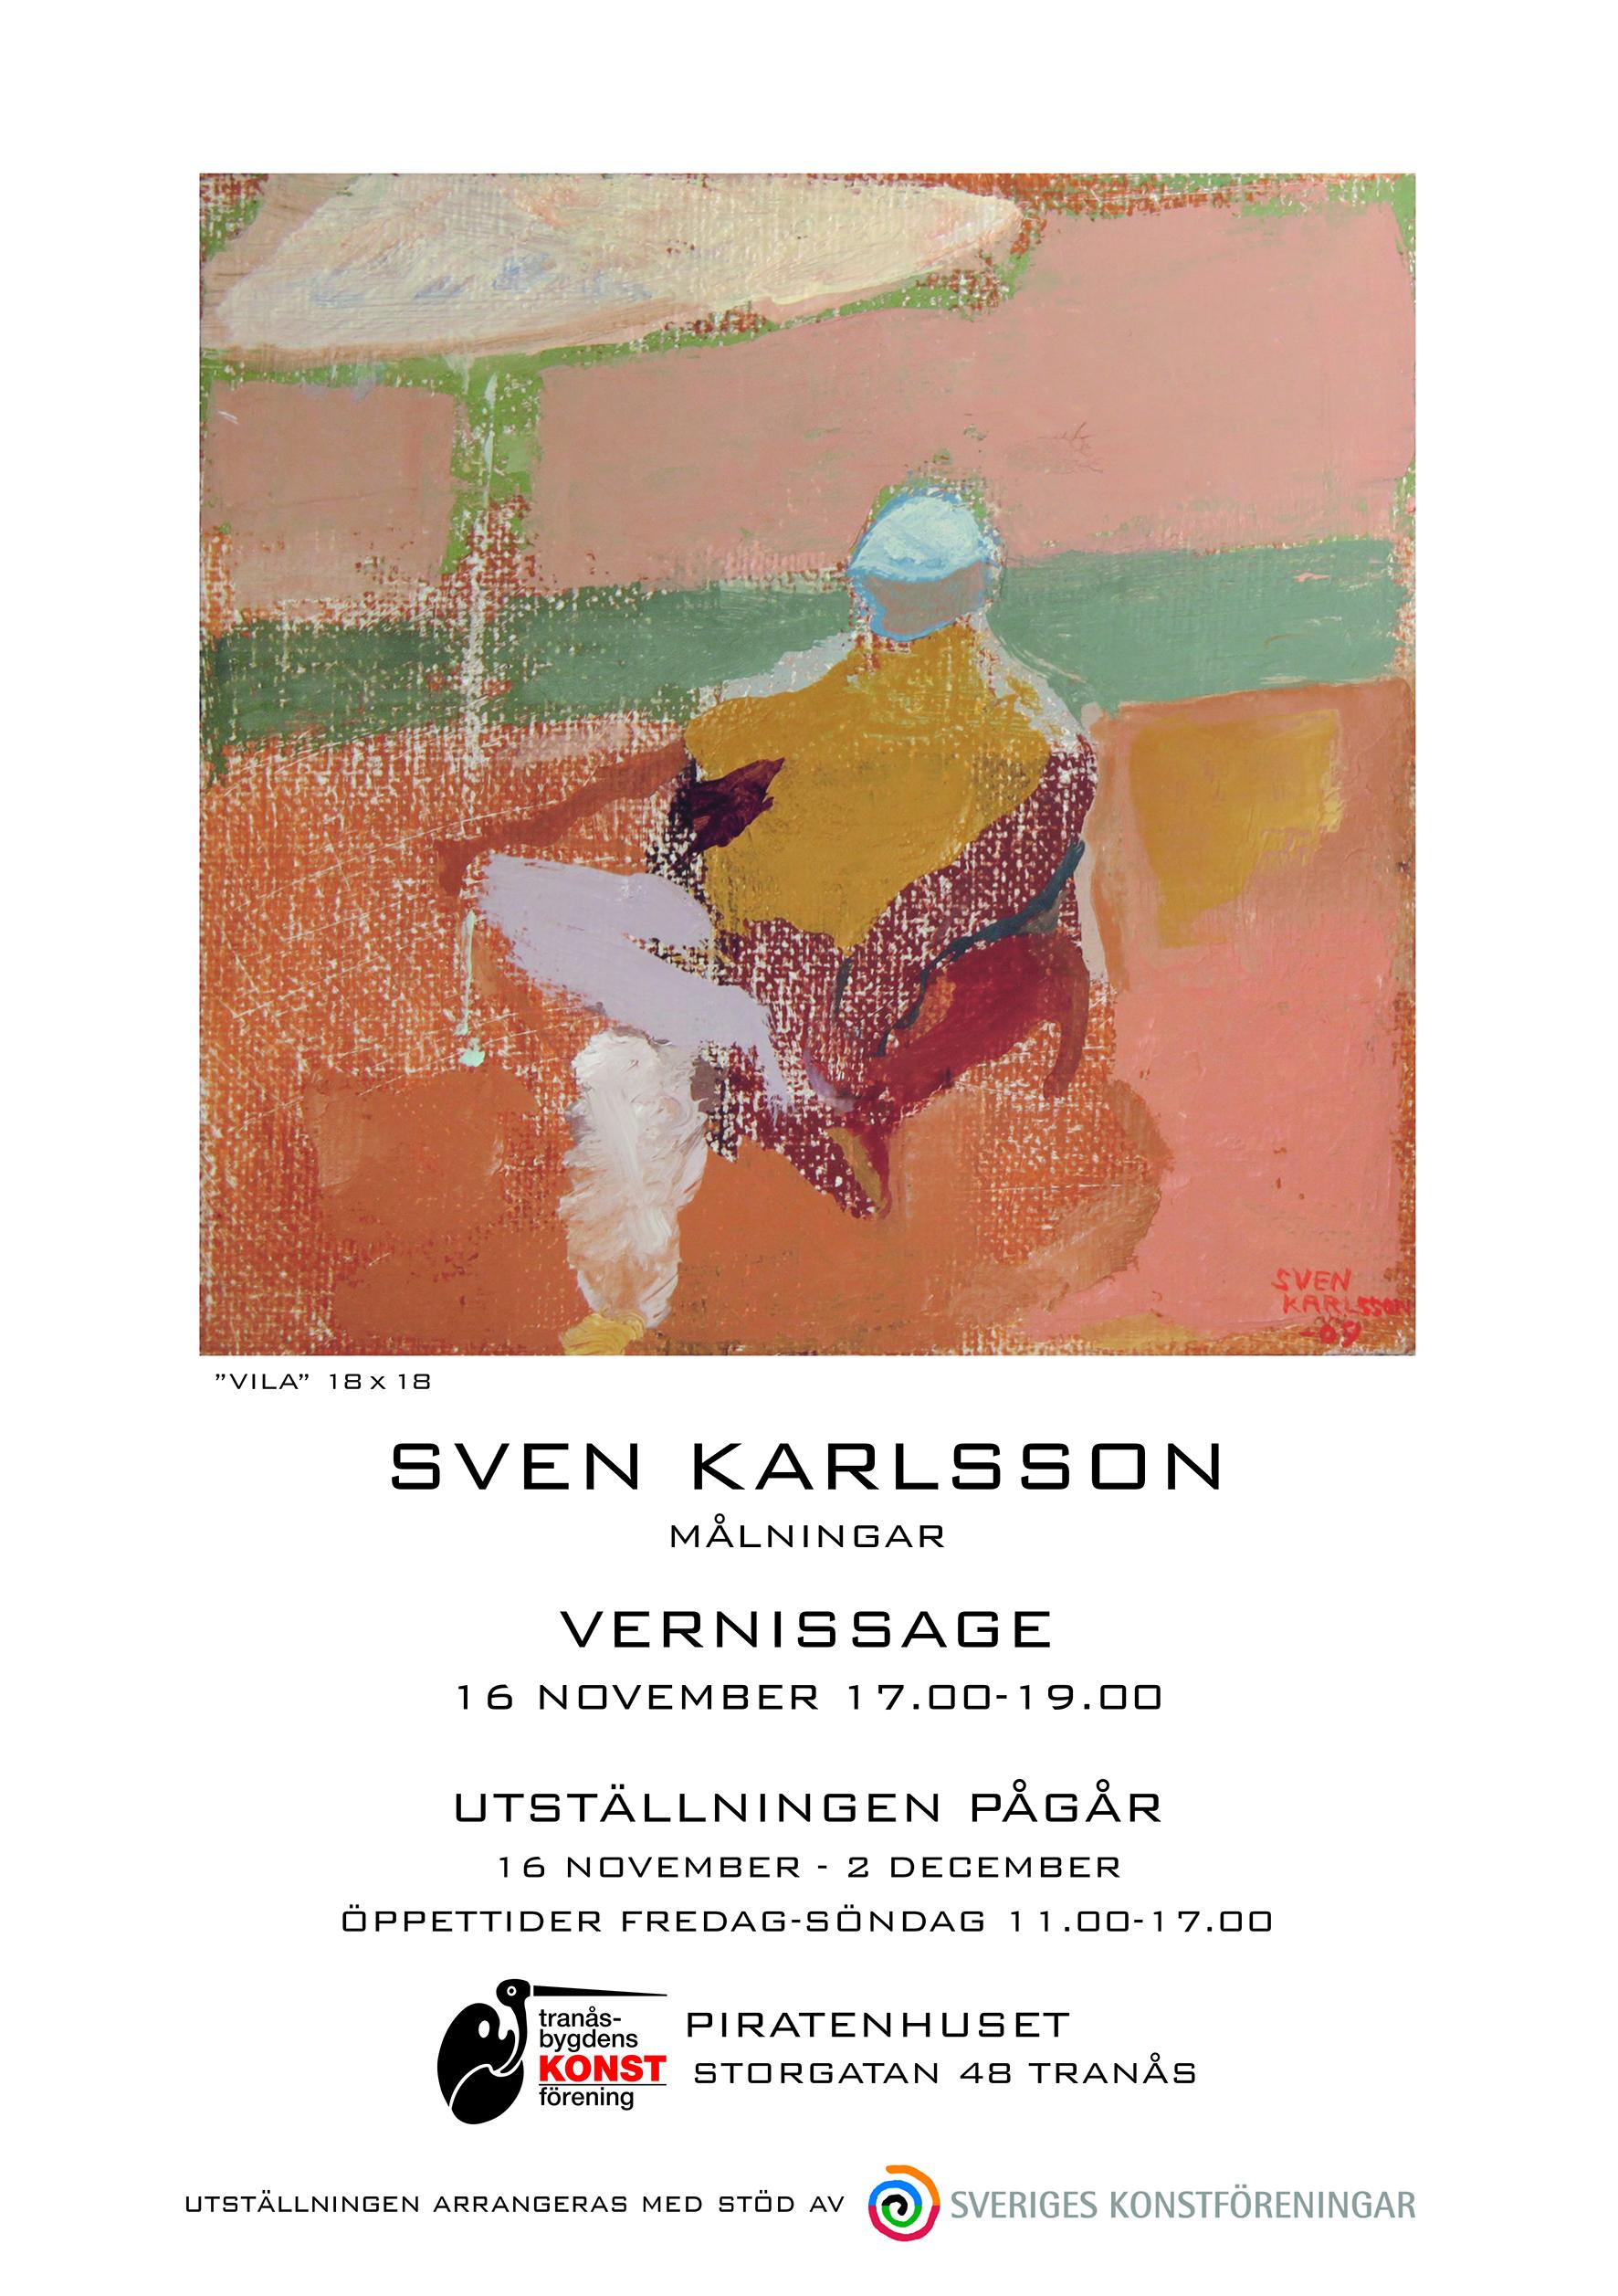 Sven Karlsson - utställning